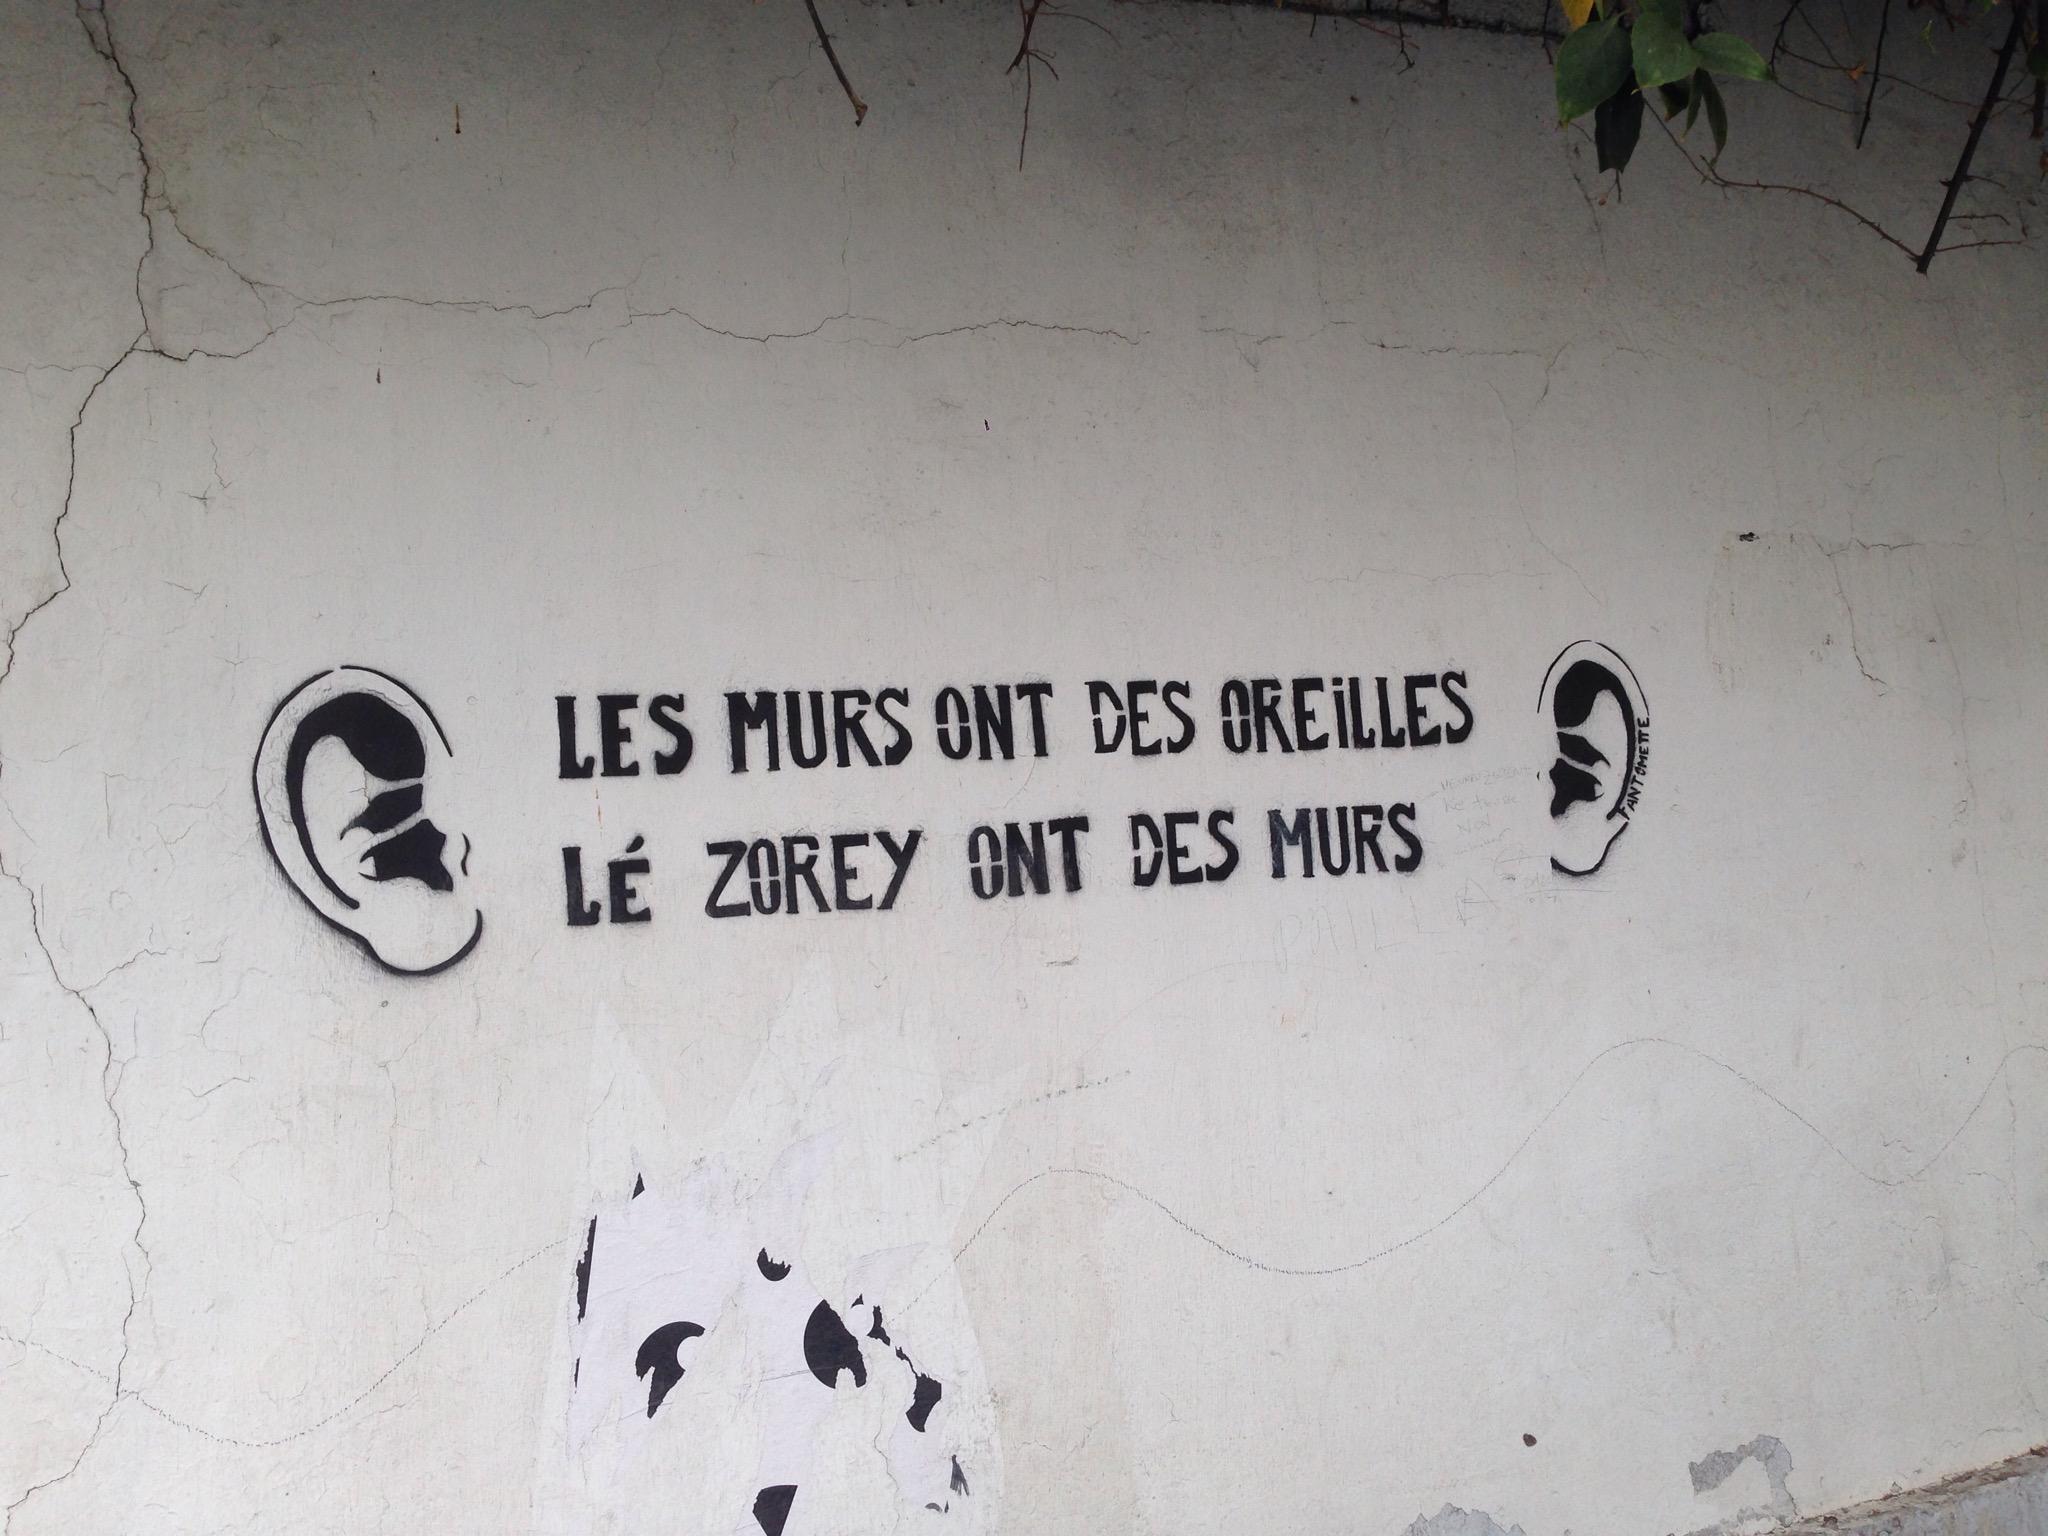 LES ZOREILS ON DES MURS